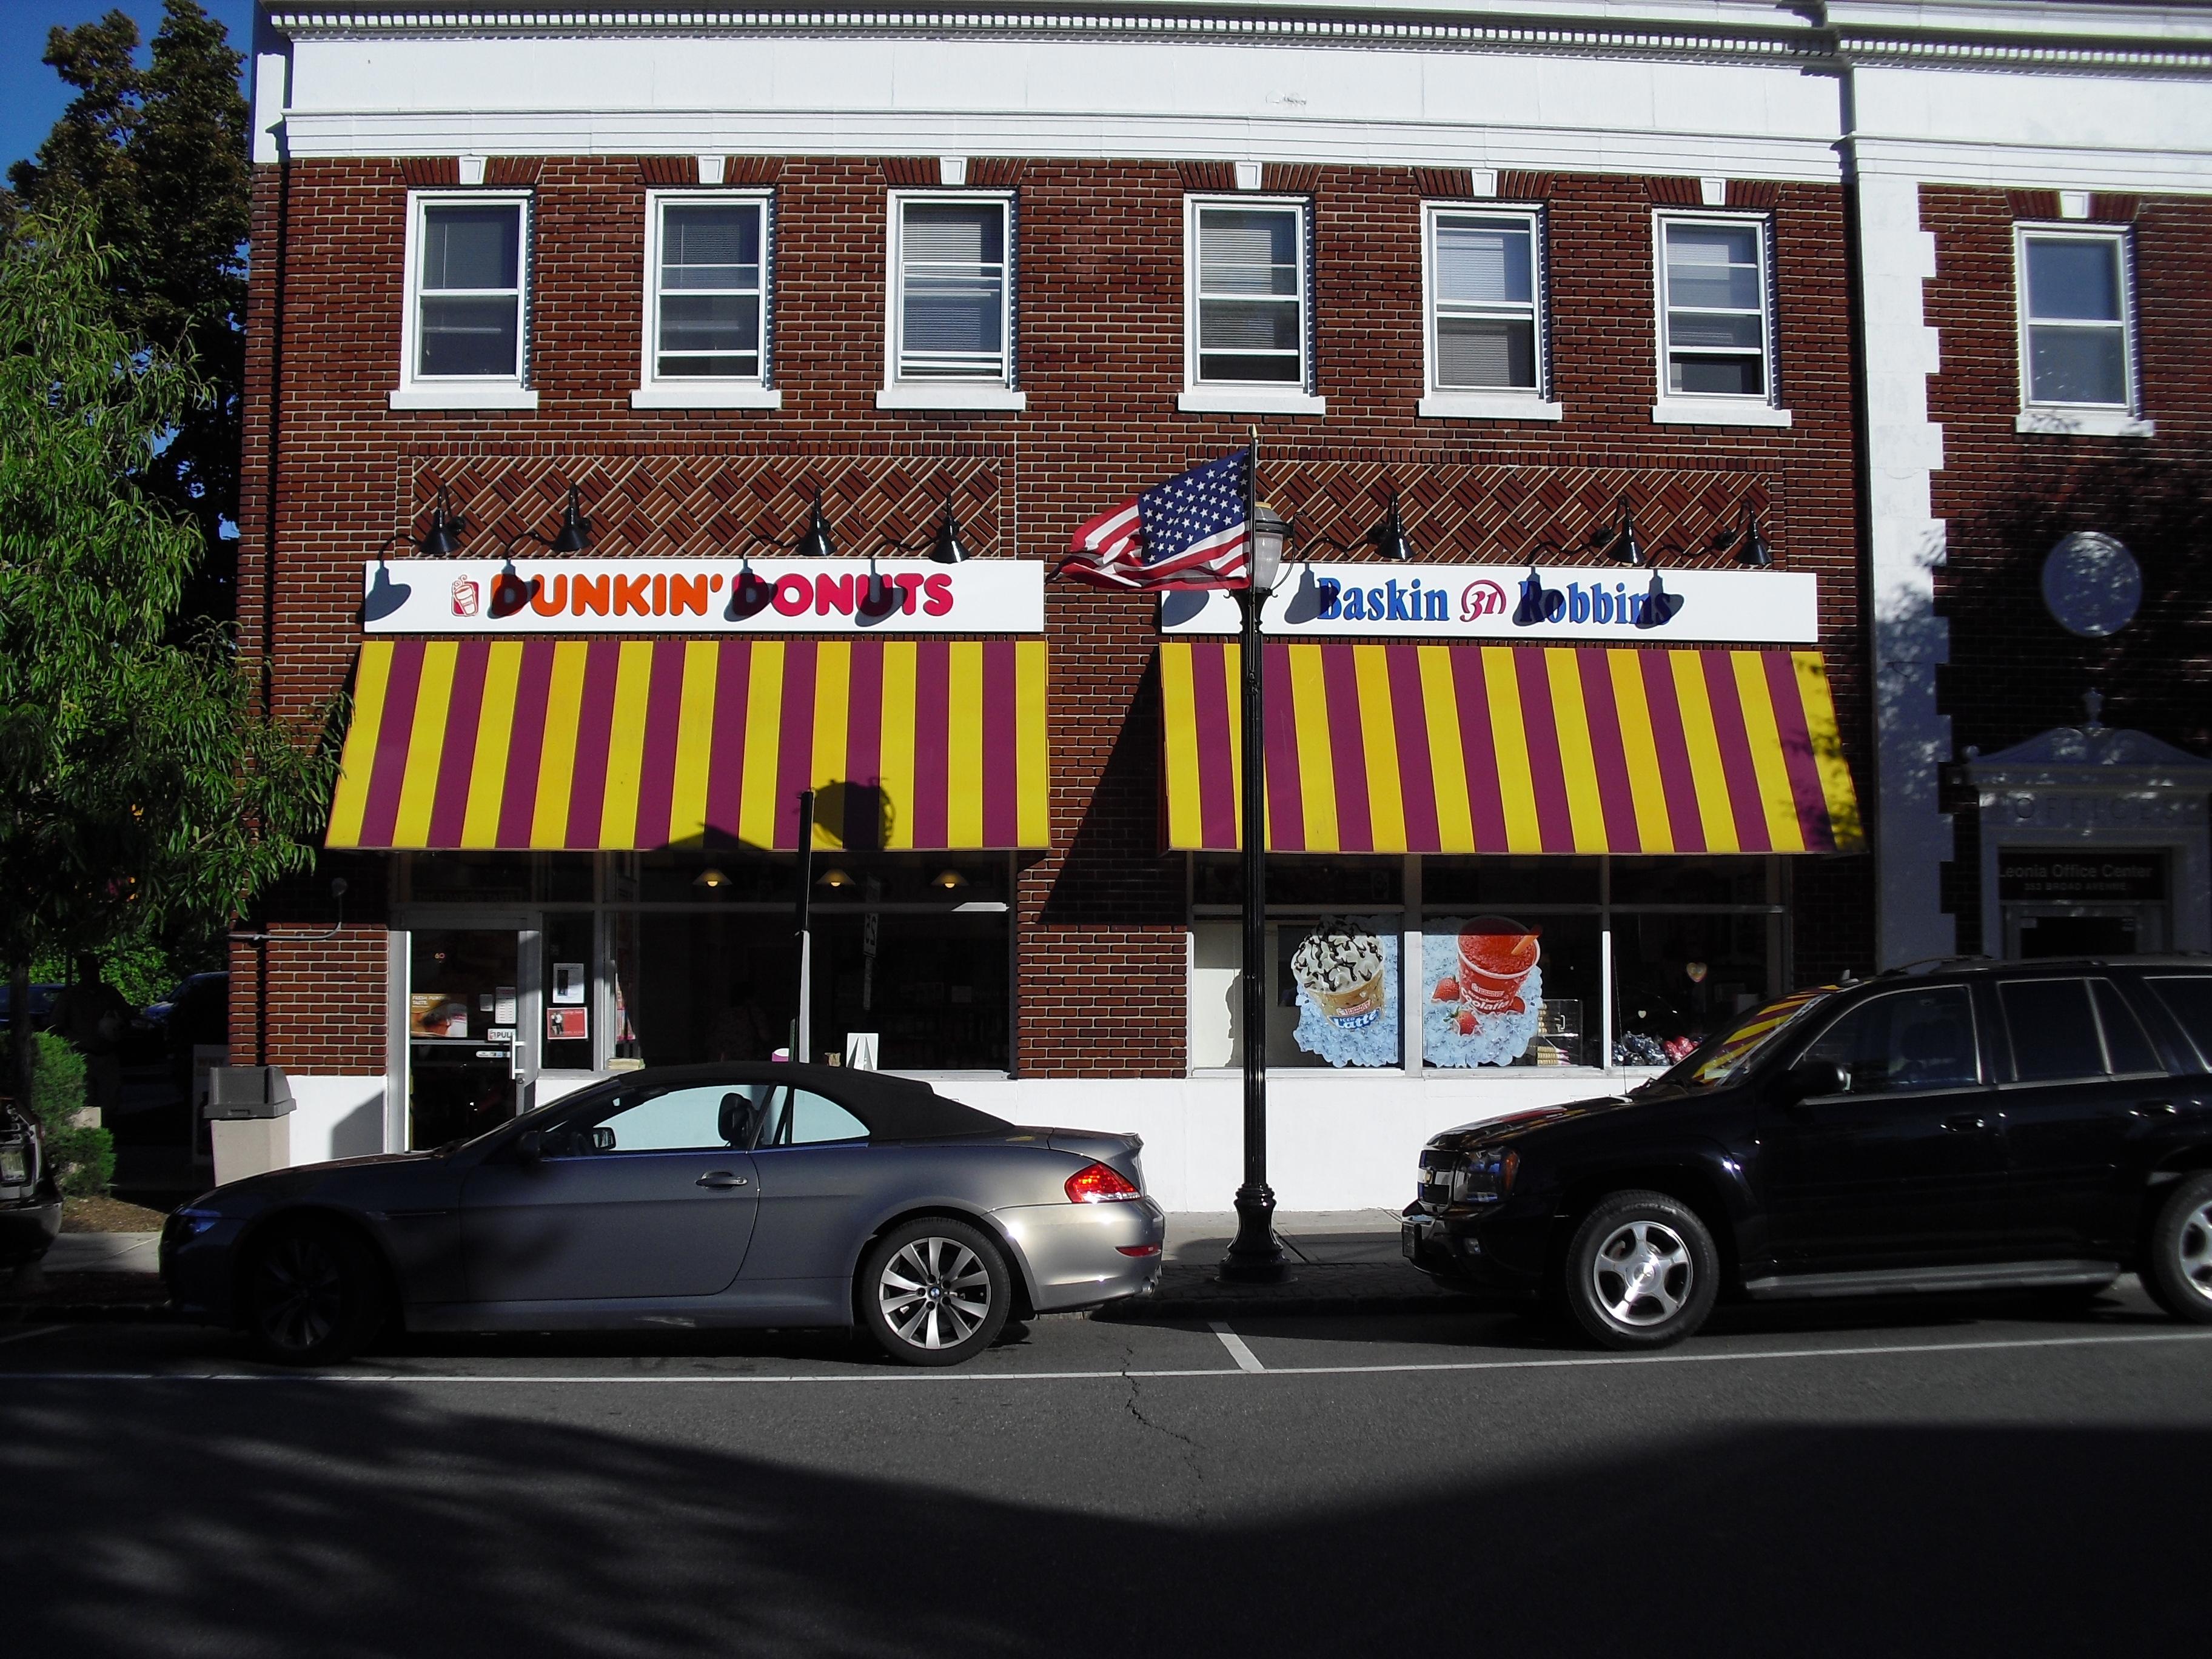 Donkin Donuts Lenoia.JPG